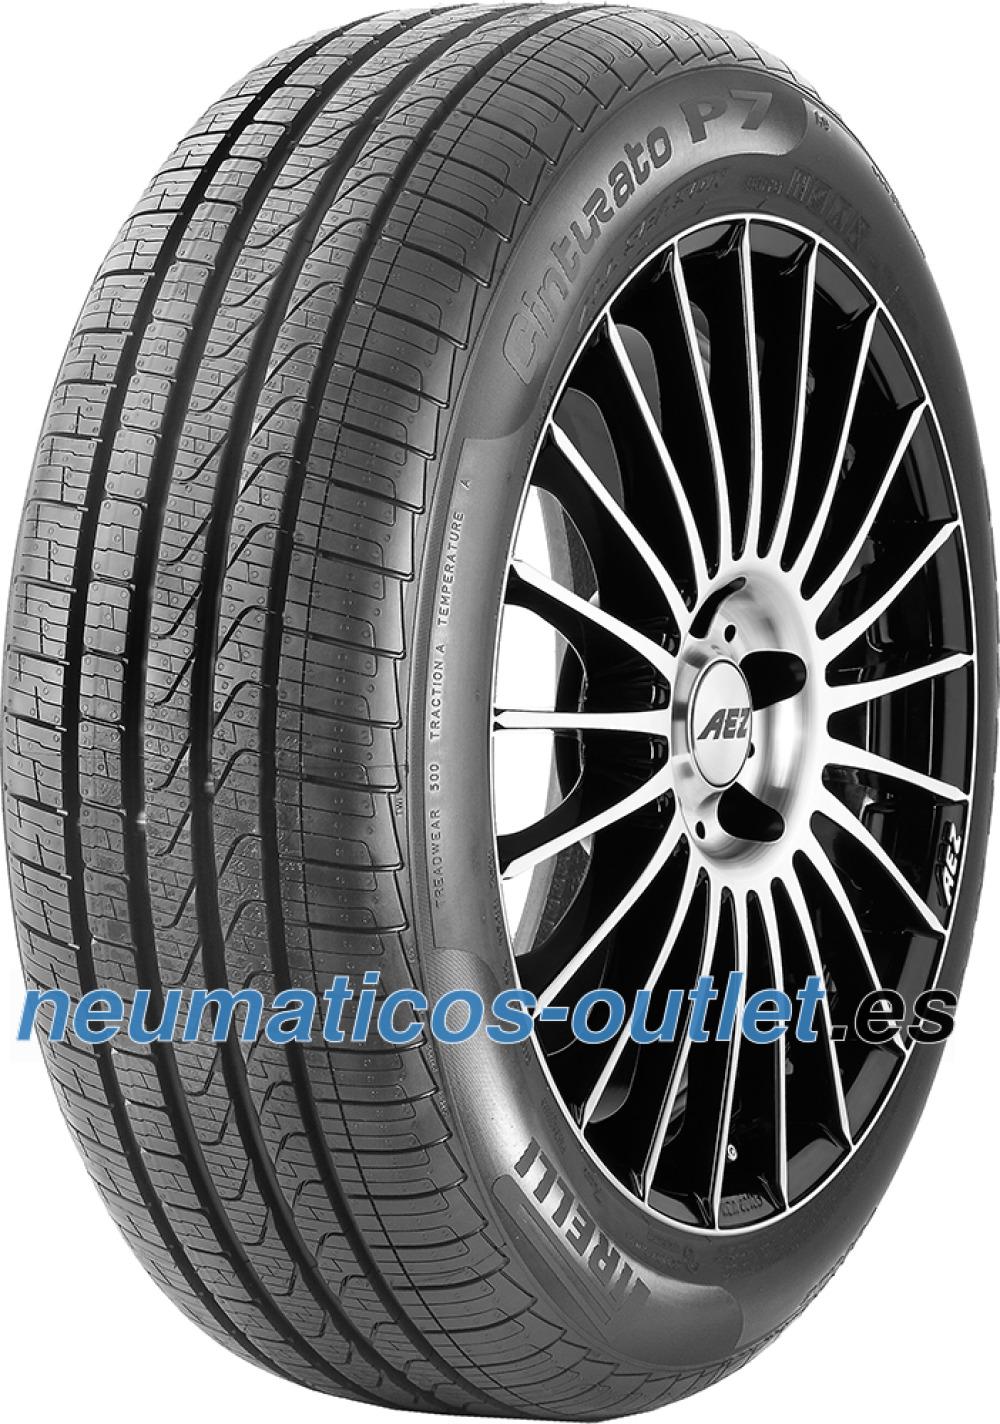 Pirelli Cinturato P7 A/S ( 295/35 R20 105V XL , ECOIMPACT, N0, con protector de llanta (MFS) )